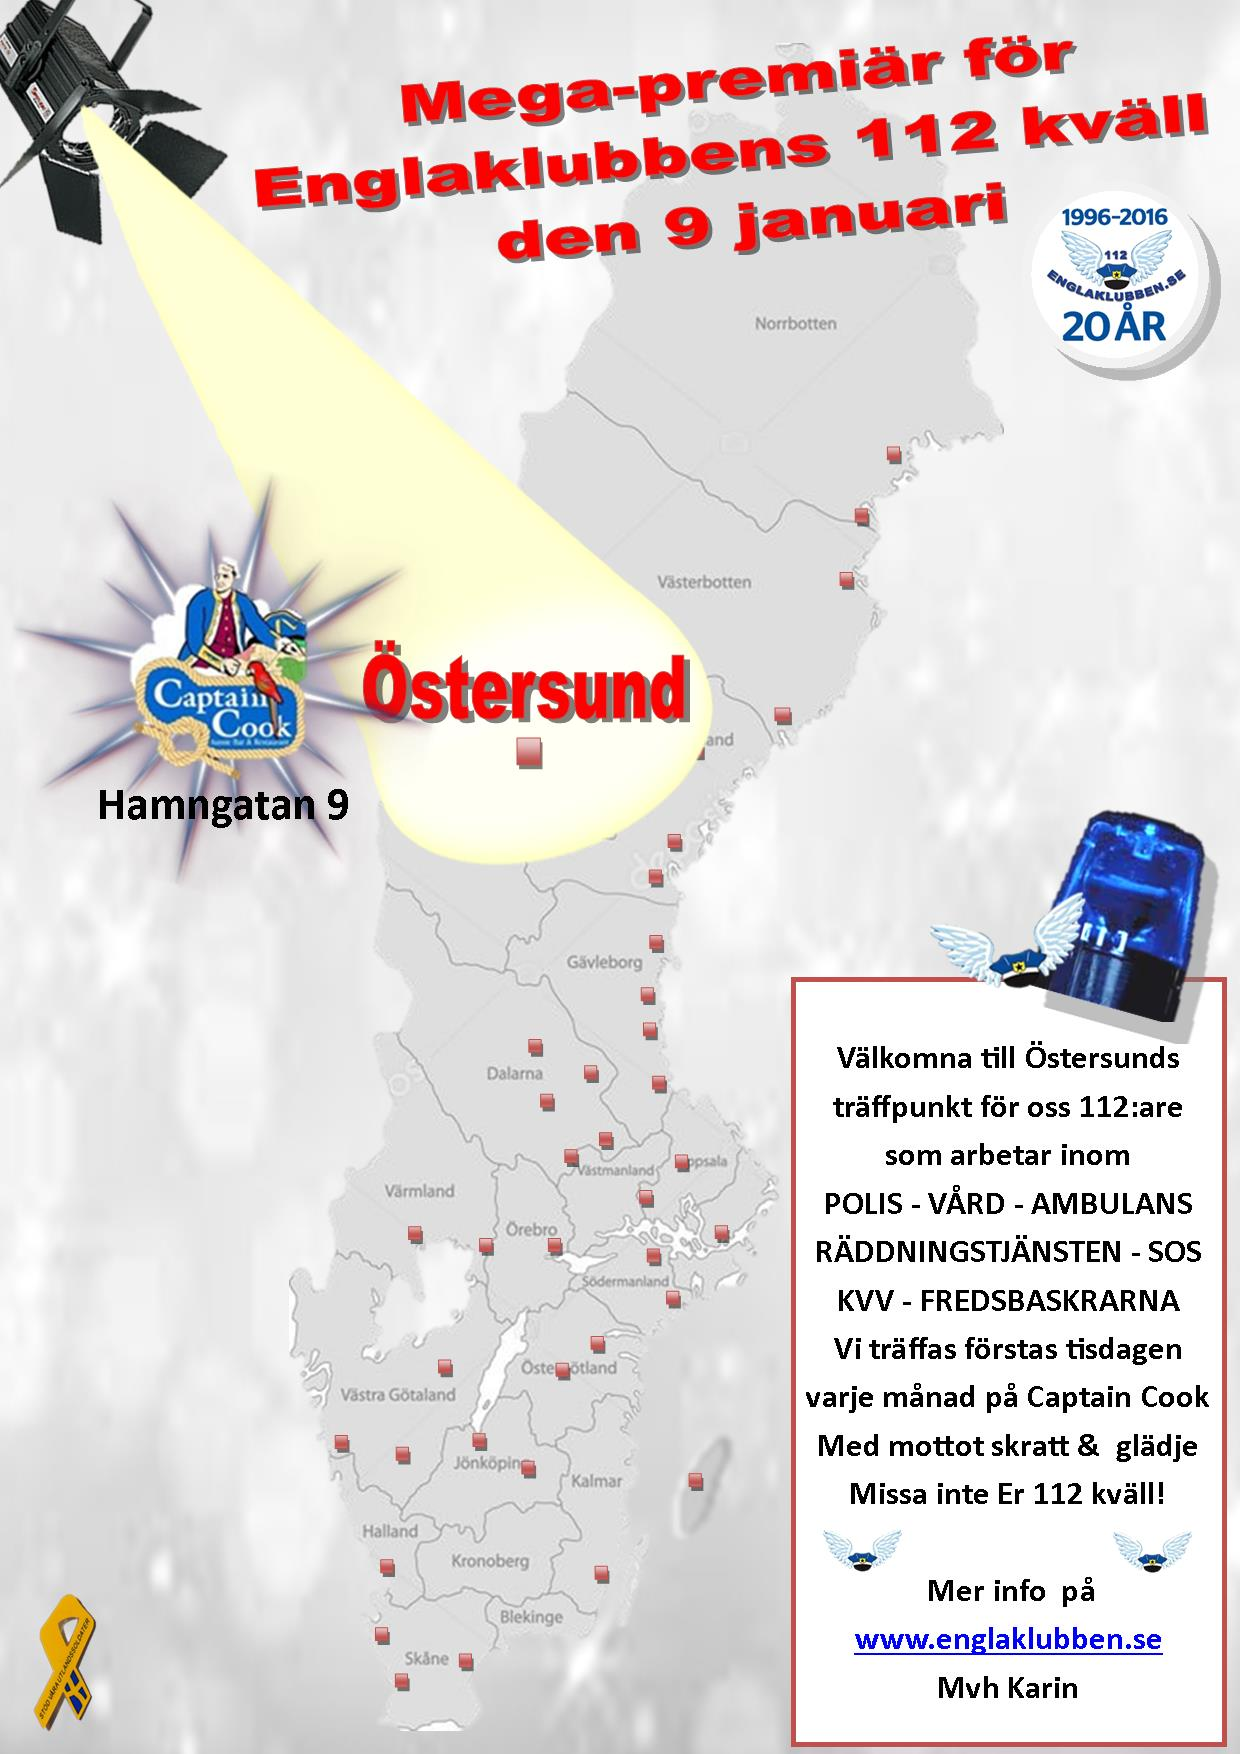 Östersund Englaklubbens 112 kväll inbjudan